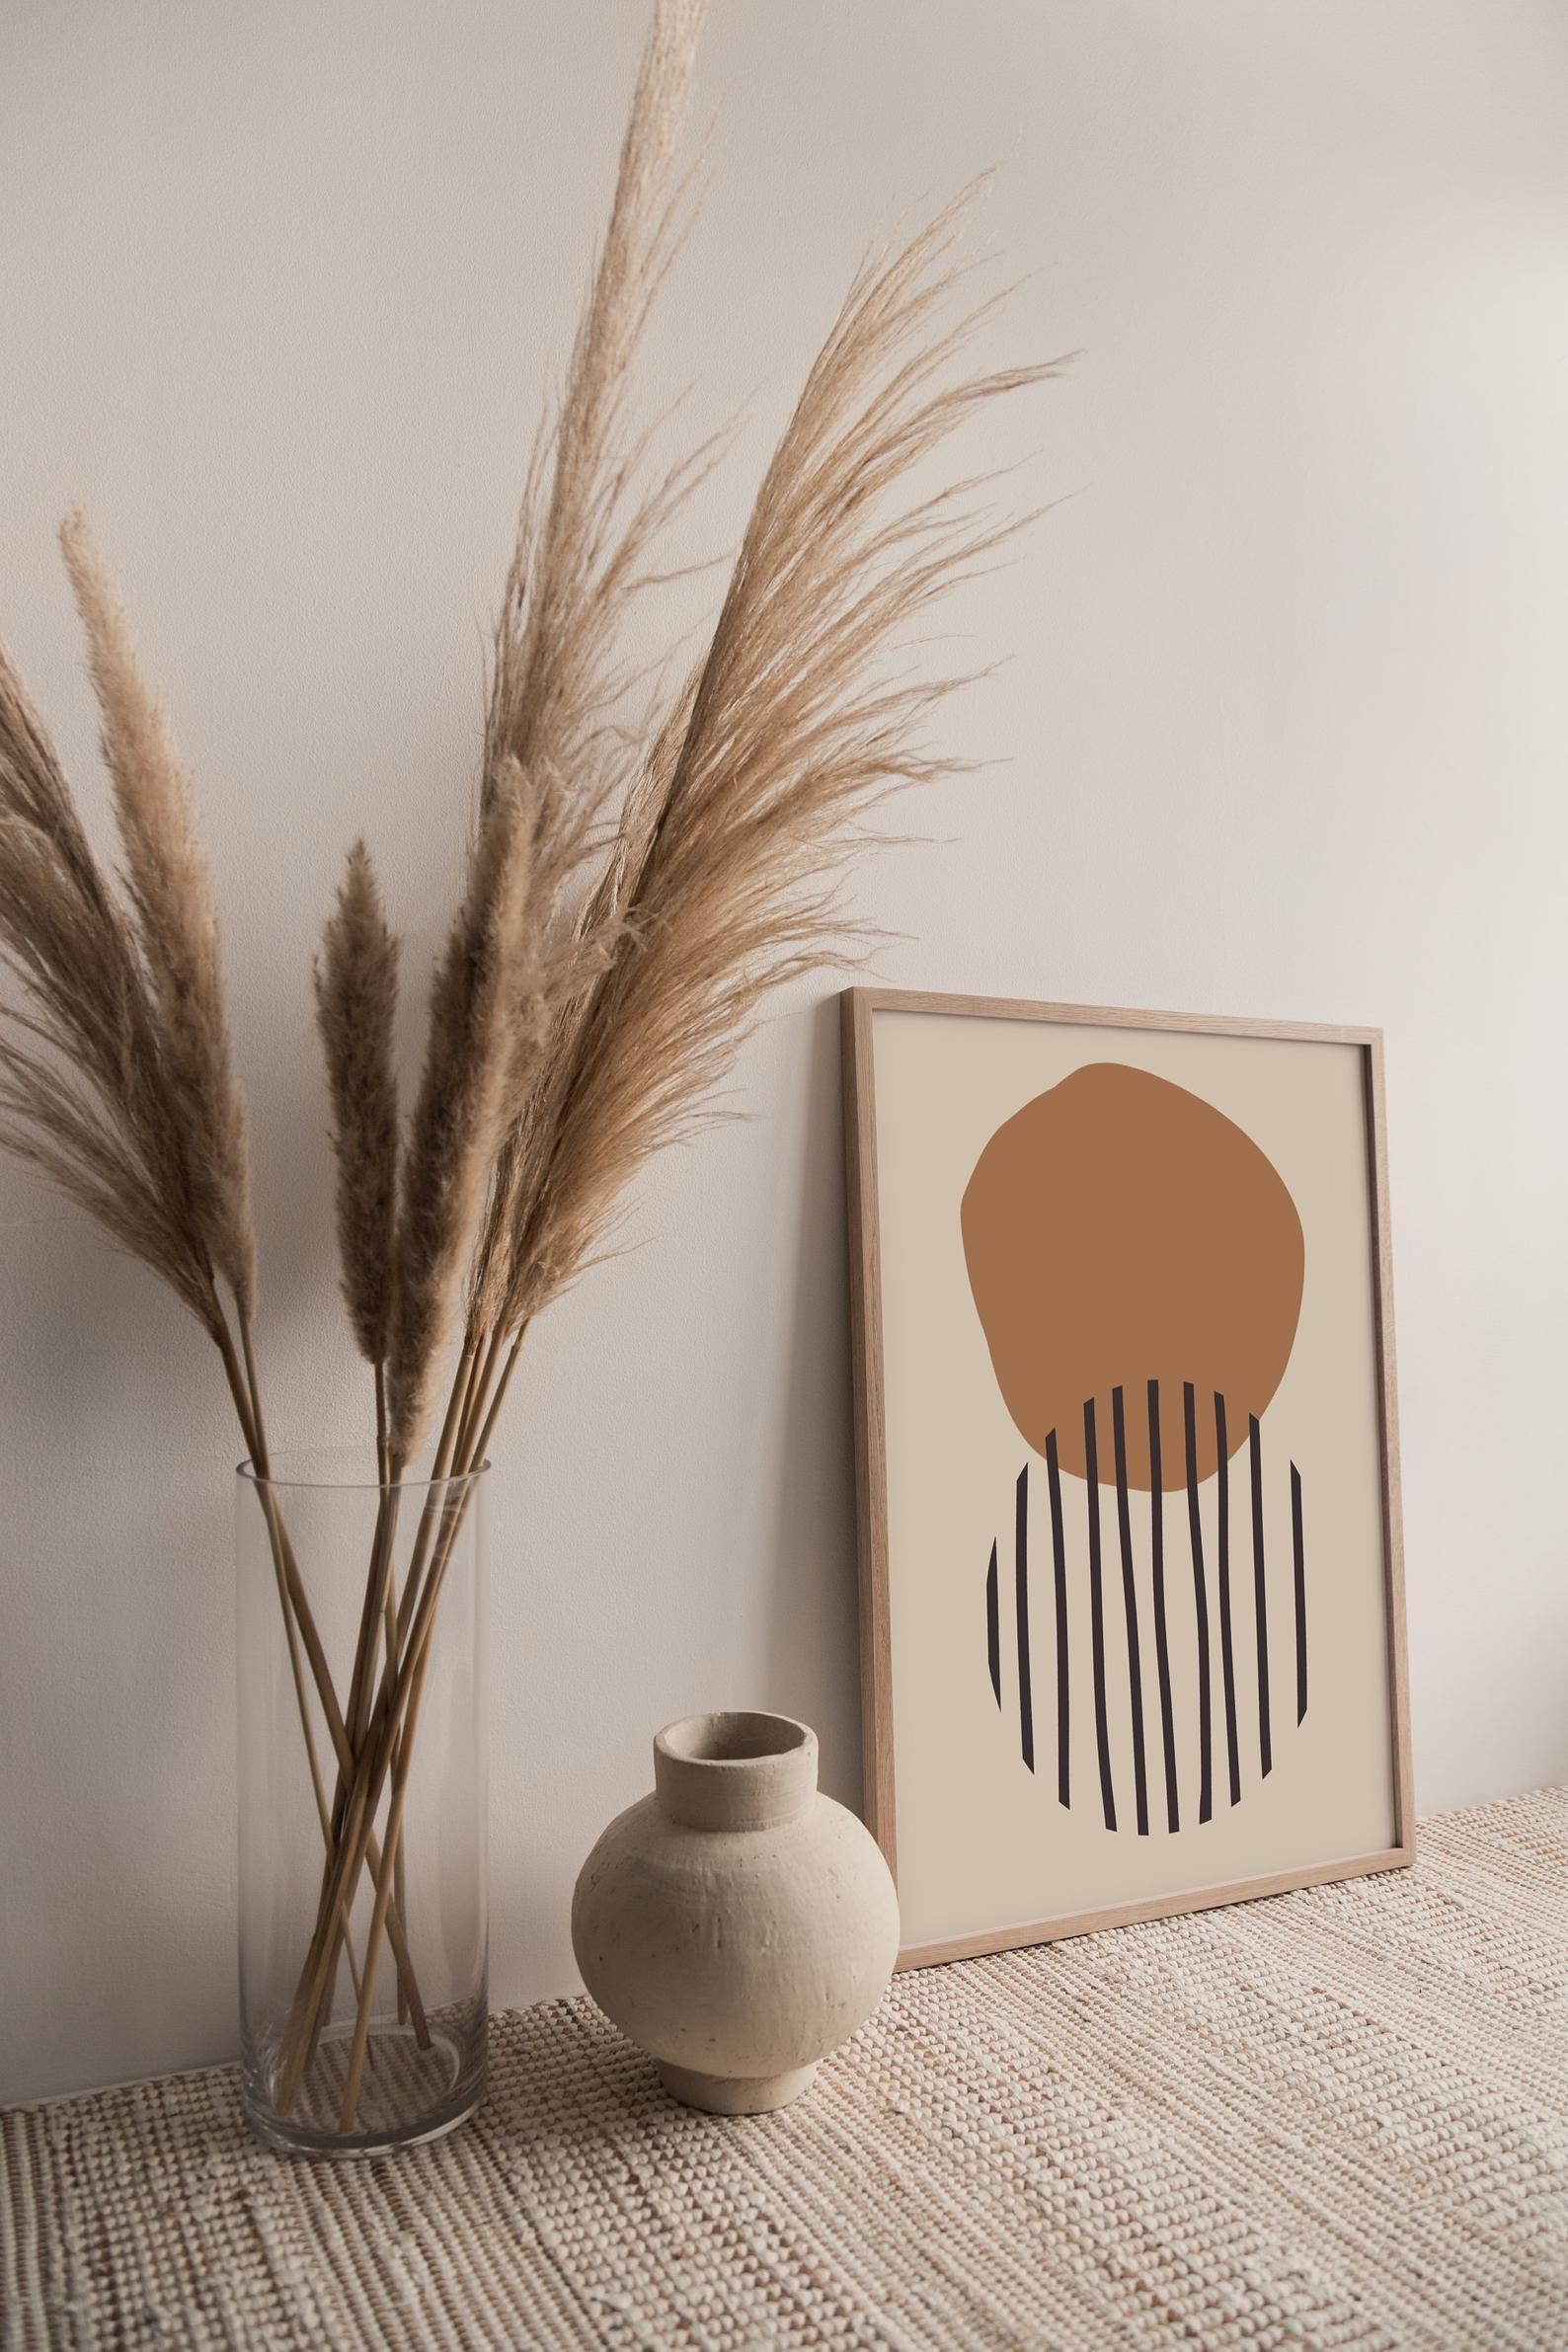 Abstract Printable Wall Art, Hygge Home Decor, Boh